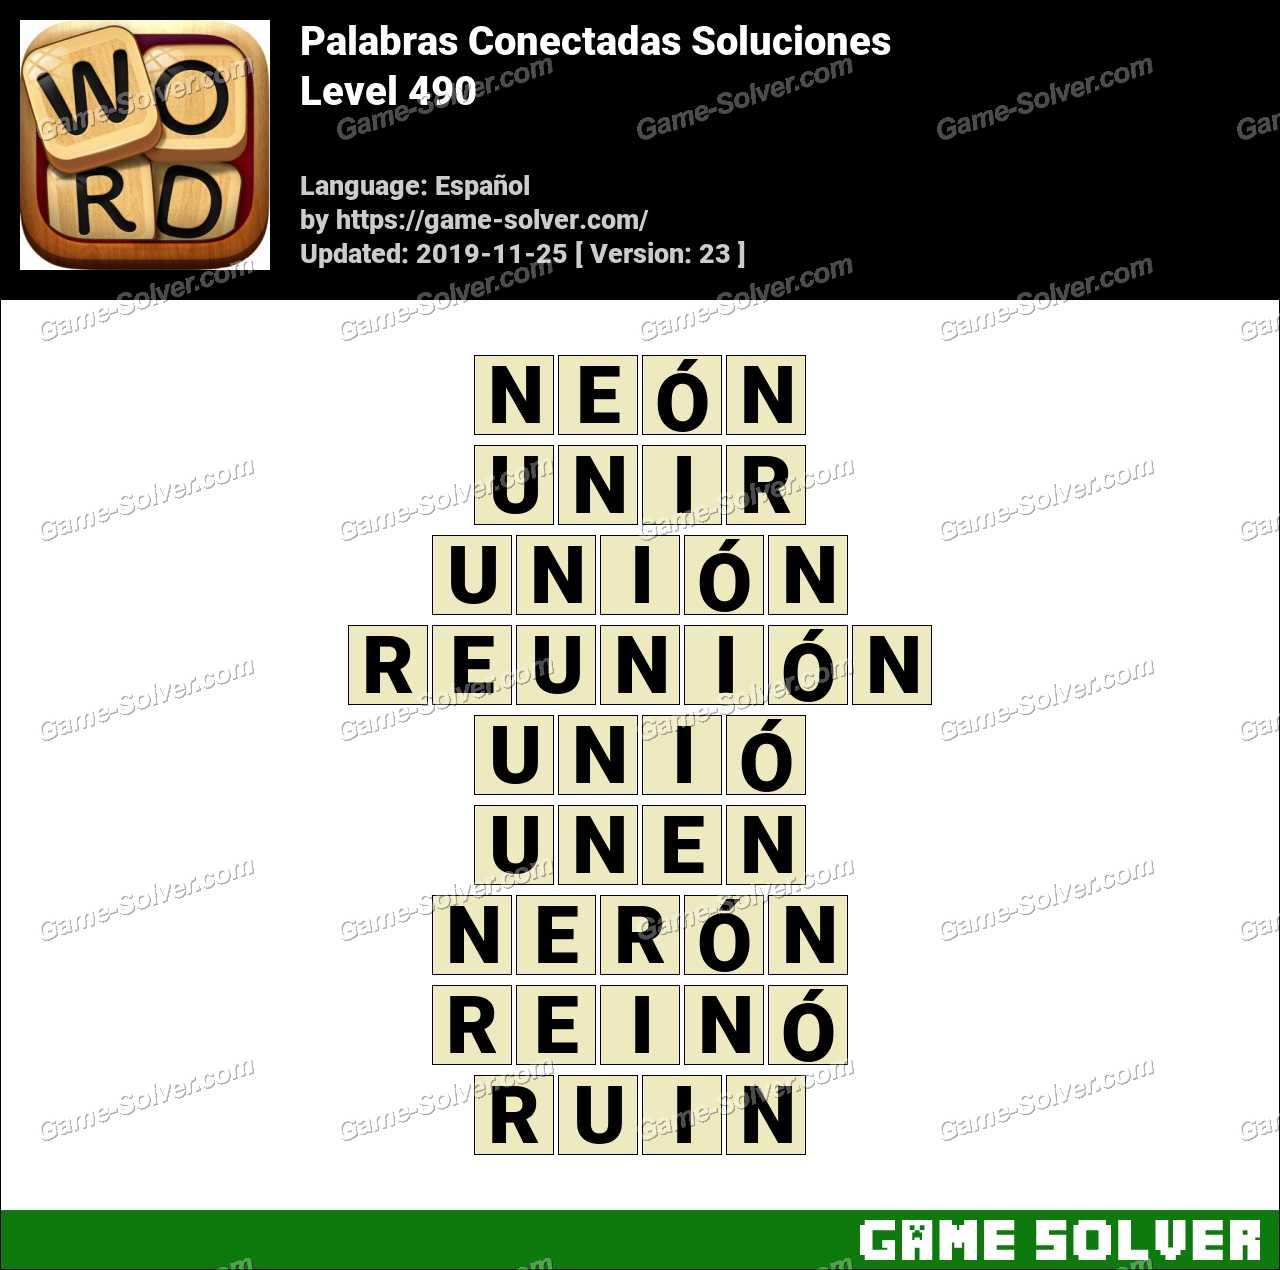 Palabras Conectadas Nivel 490 Soluciones